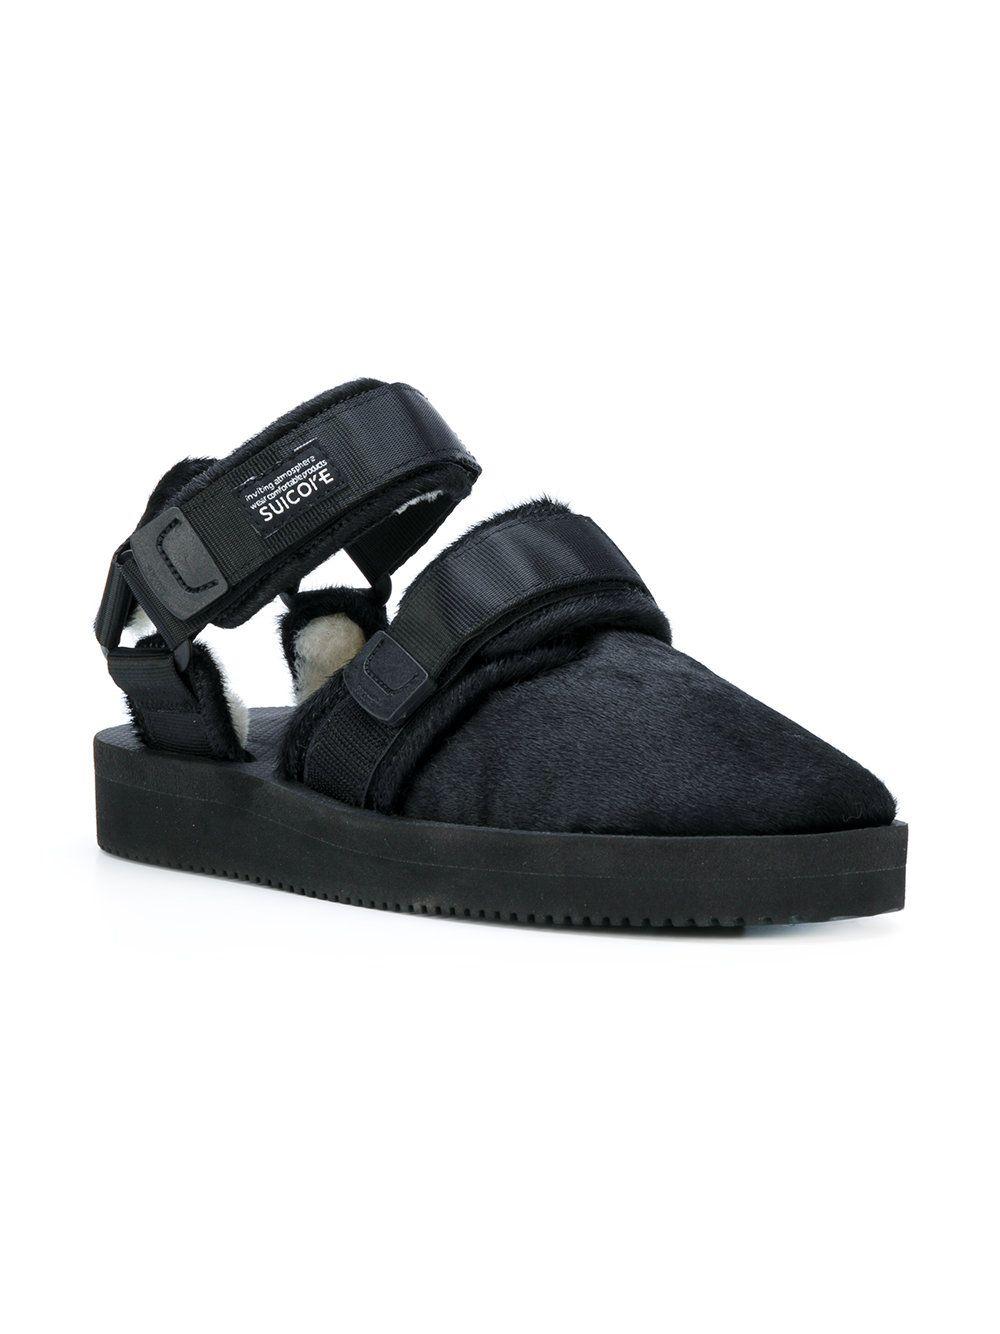 Sandals, Closed toe sandals, Designer